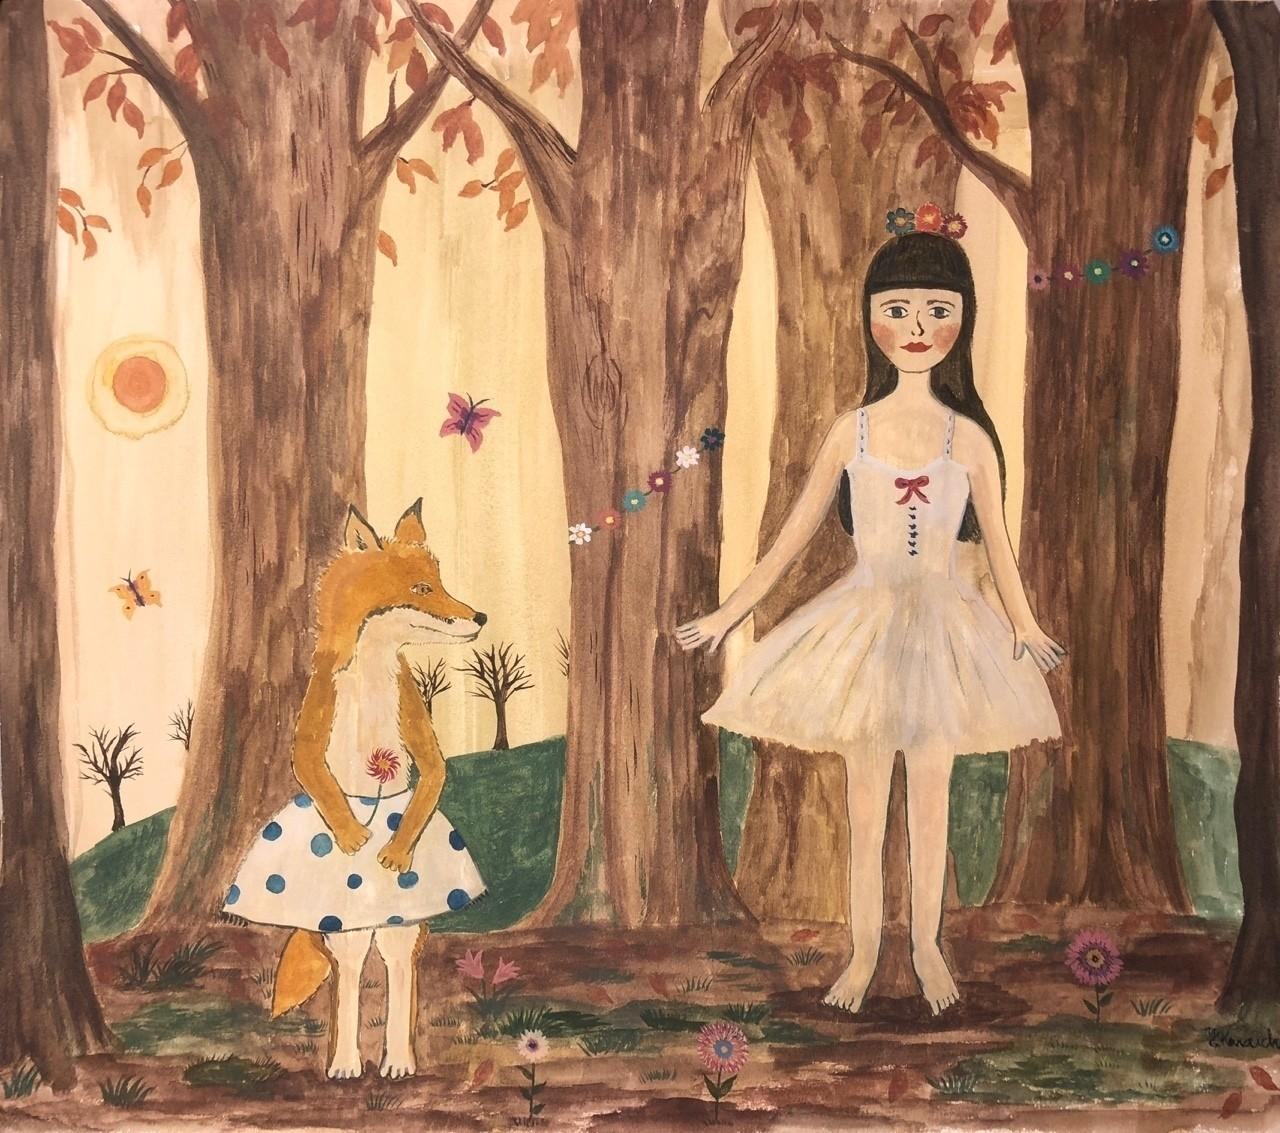 林の中のバレリーナ。お花が咲く林。蝶々舞う。木々に囲まれて、お花に囲まれて、裸足のままで、踊ってみよう、踊ってごらん、自由に。自由に。  #絵 #水彩 #水彩画 #ドローイング #お絵描き #美術 #イラスト #イラストレーション #詩 #ことば #言葉 #ペインティング #drawing #painting #自然 #画家